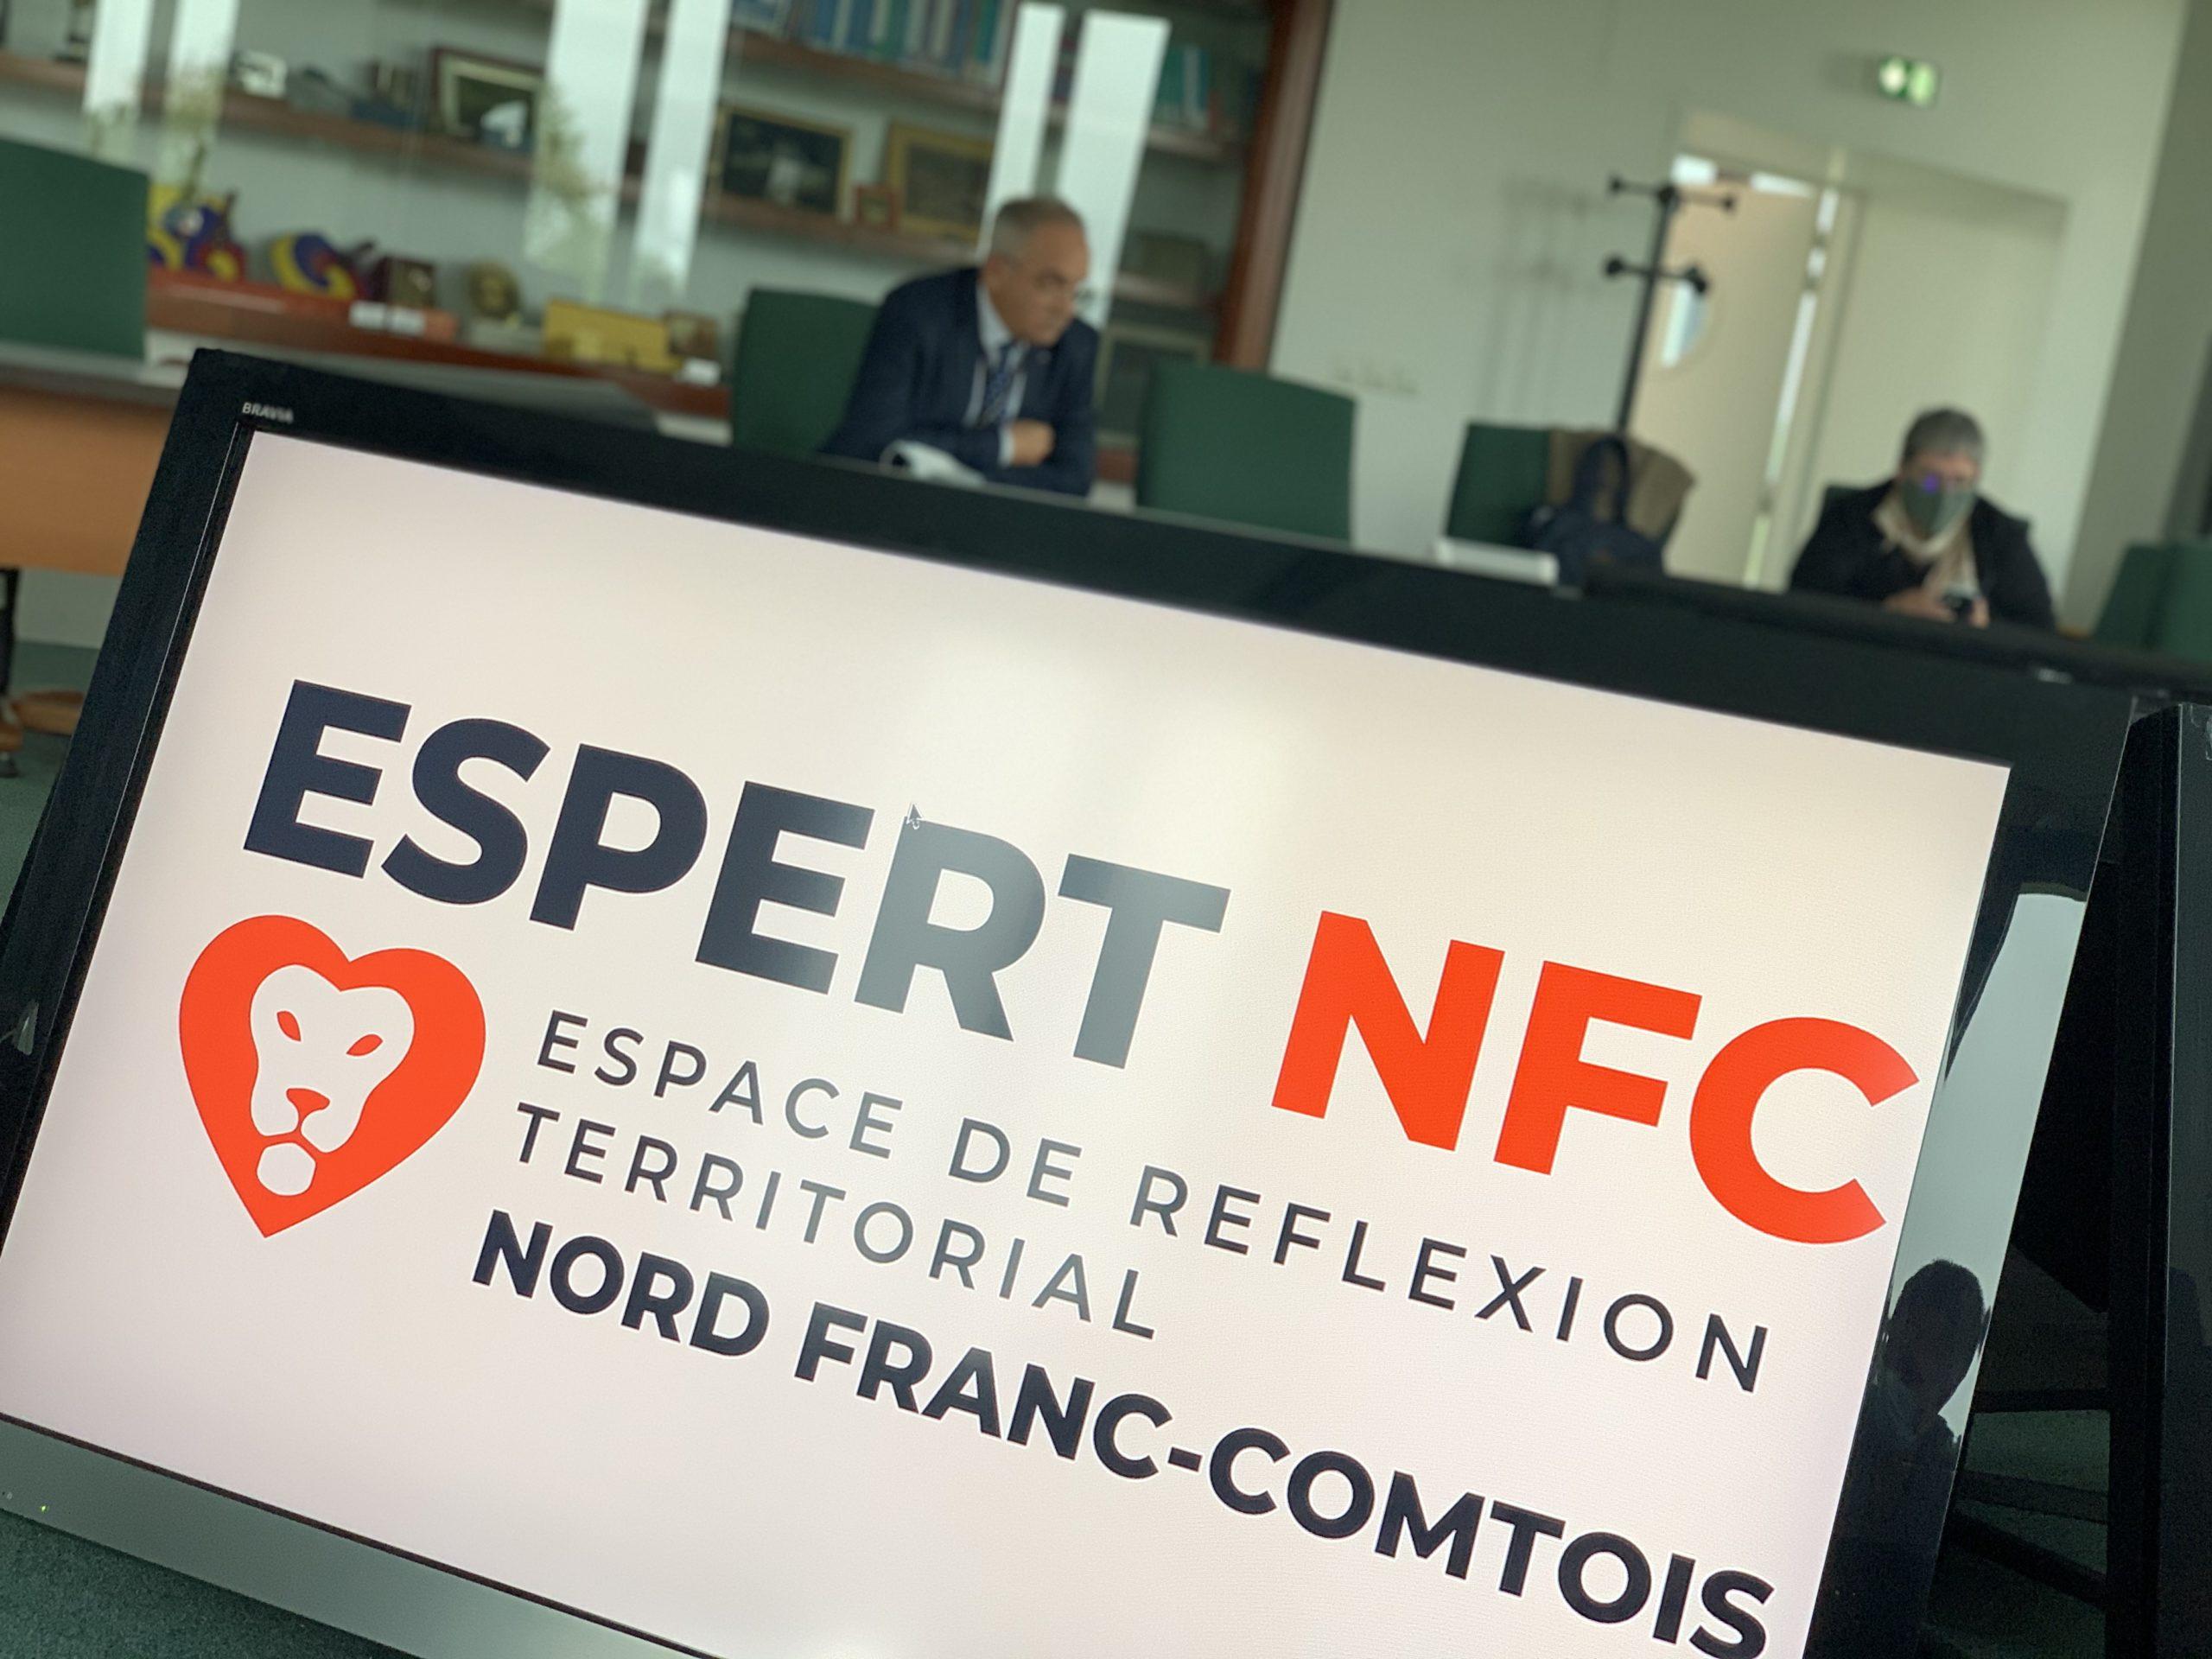 espert NFC (TQ)